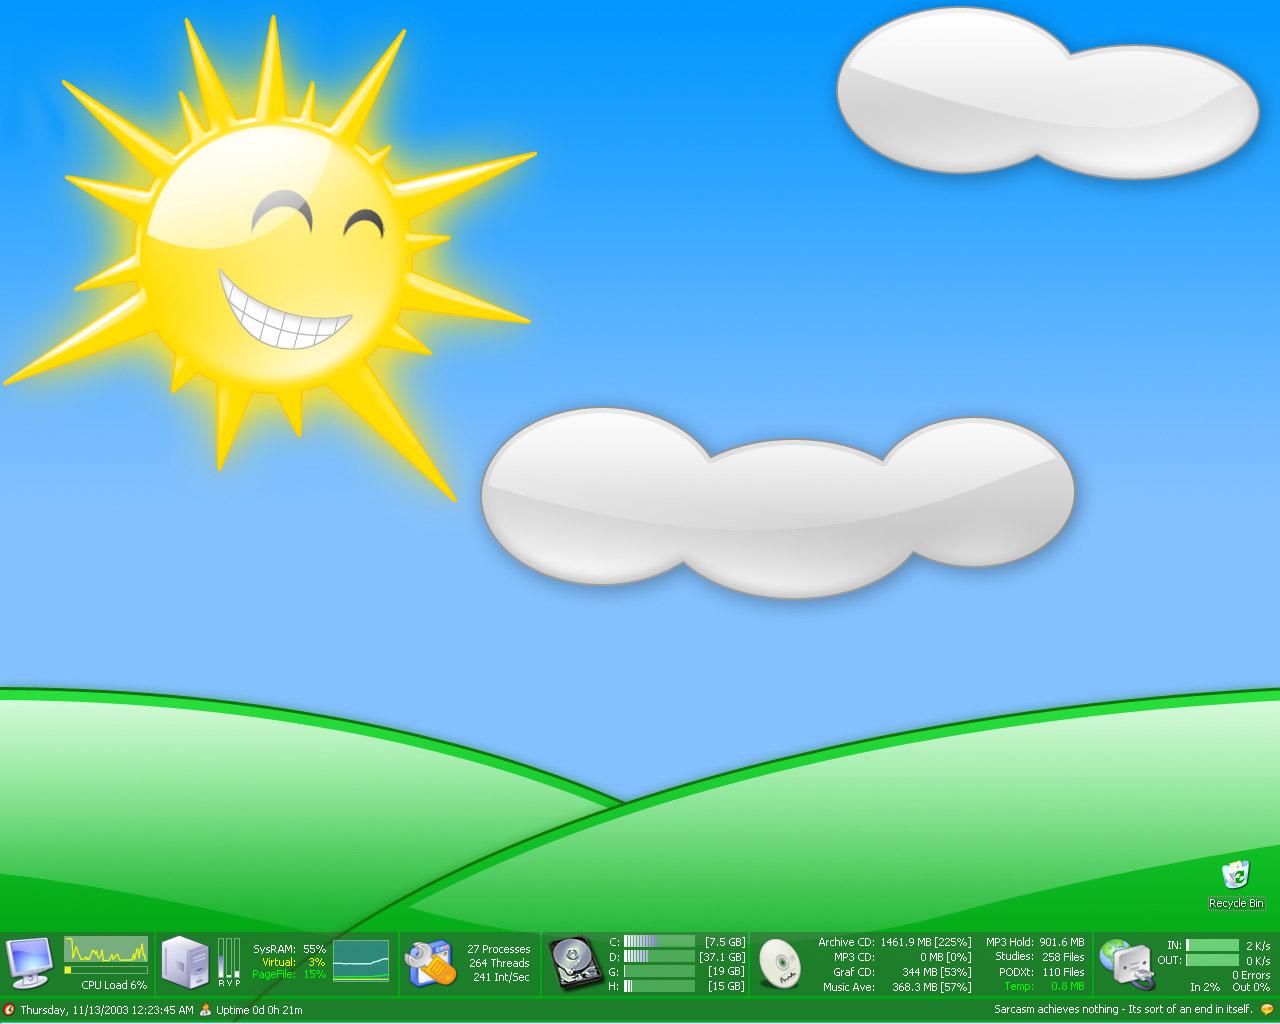 Title: Sunny Desktop